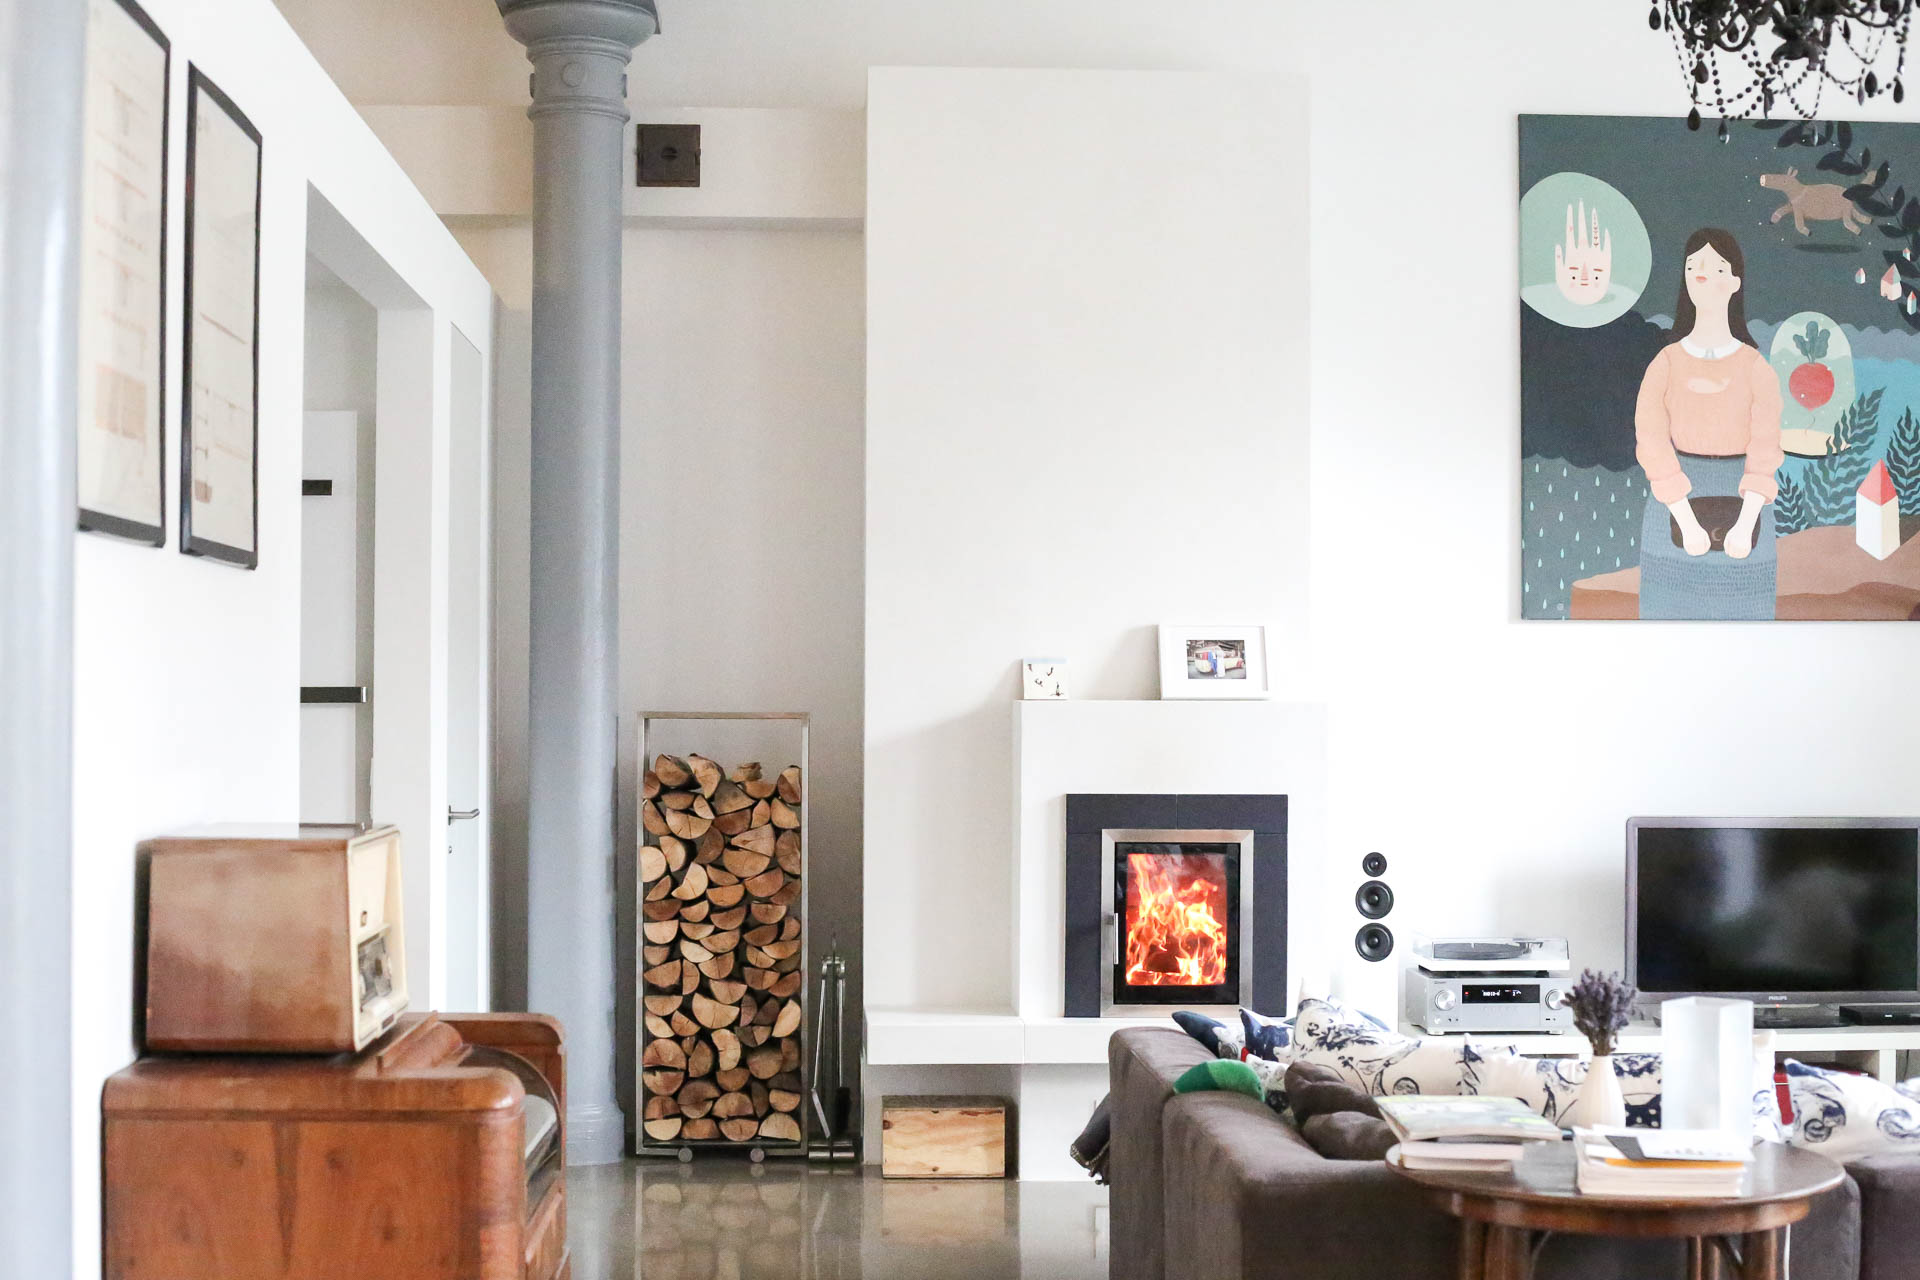 Stunning Futuristisches Interieur Loft Wohnung Gallery - New Home ...